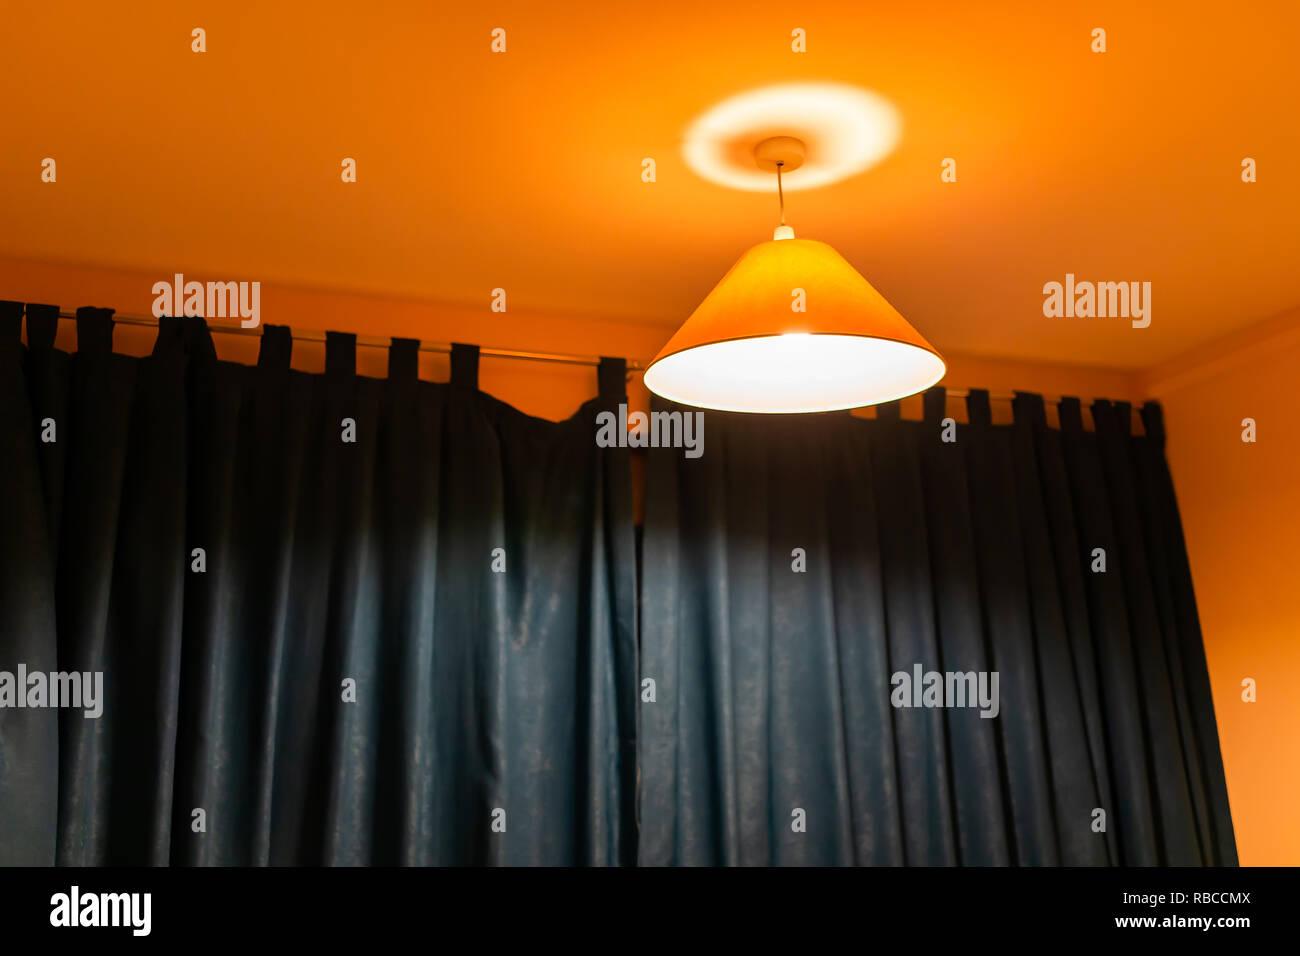 el Amarillo colgando en techo lámpara decorativo anaranjado IE9HW2D